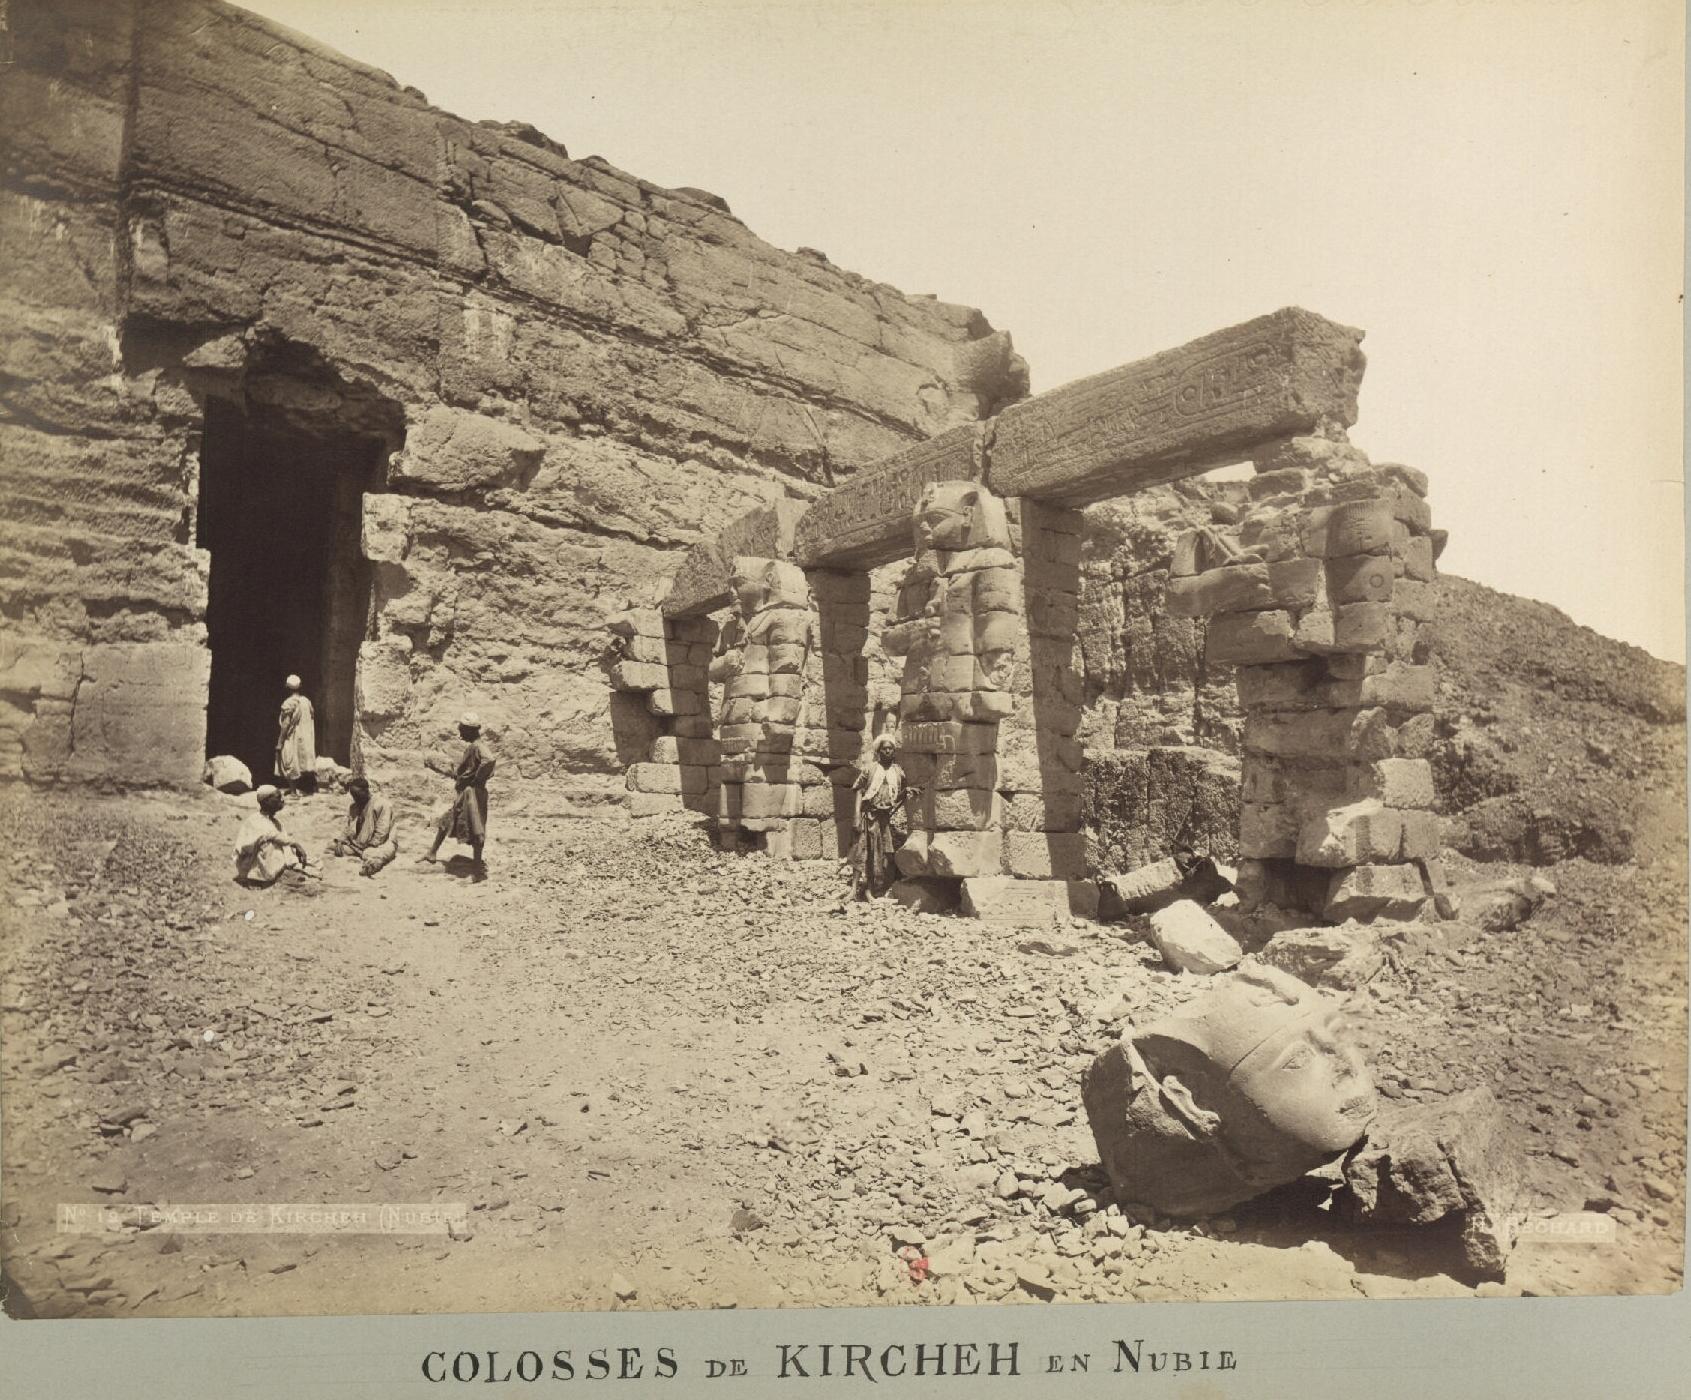 Колоссы Кирхеха в Нубии